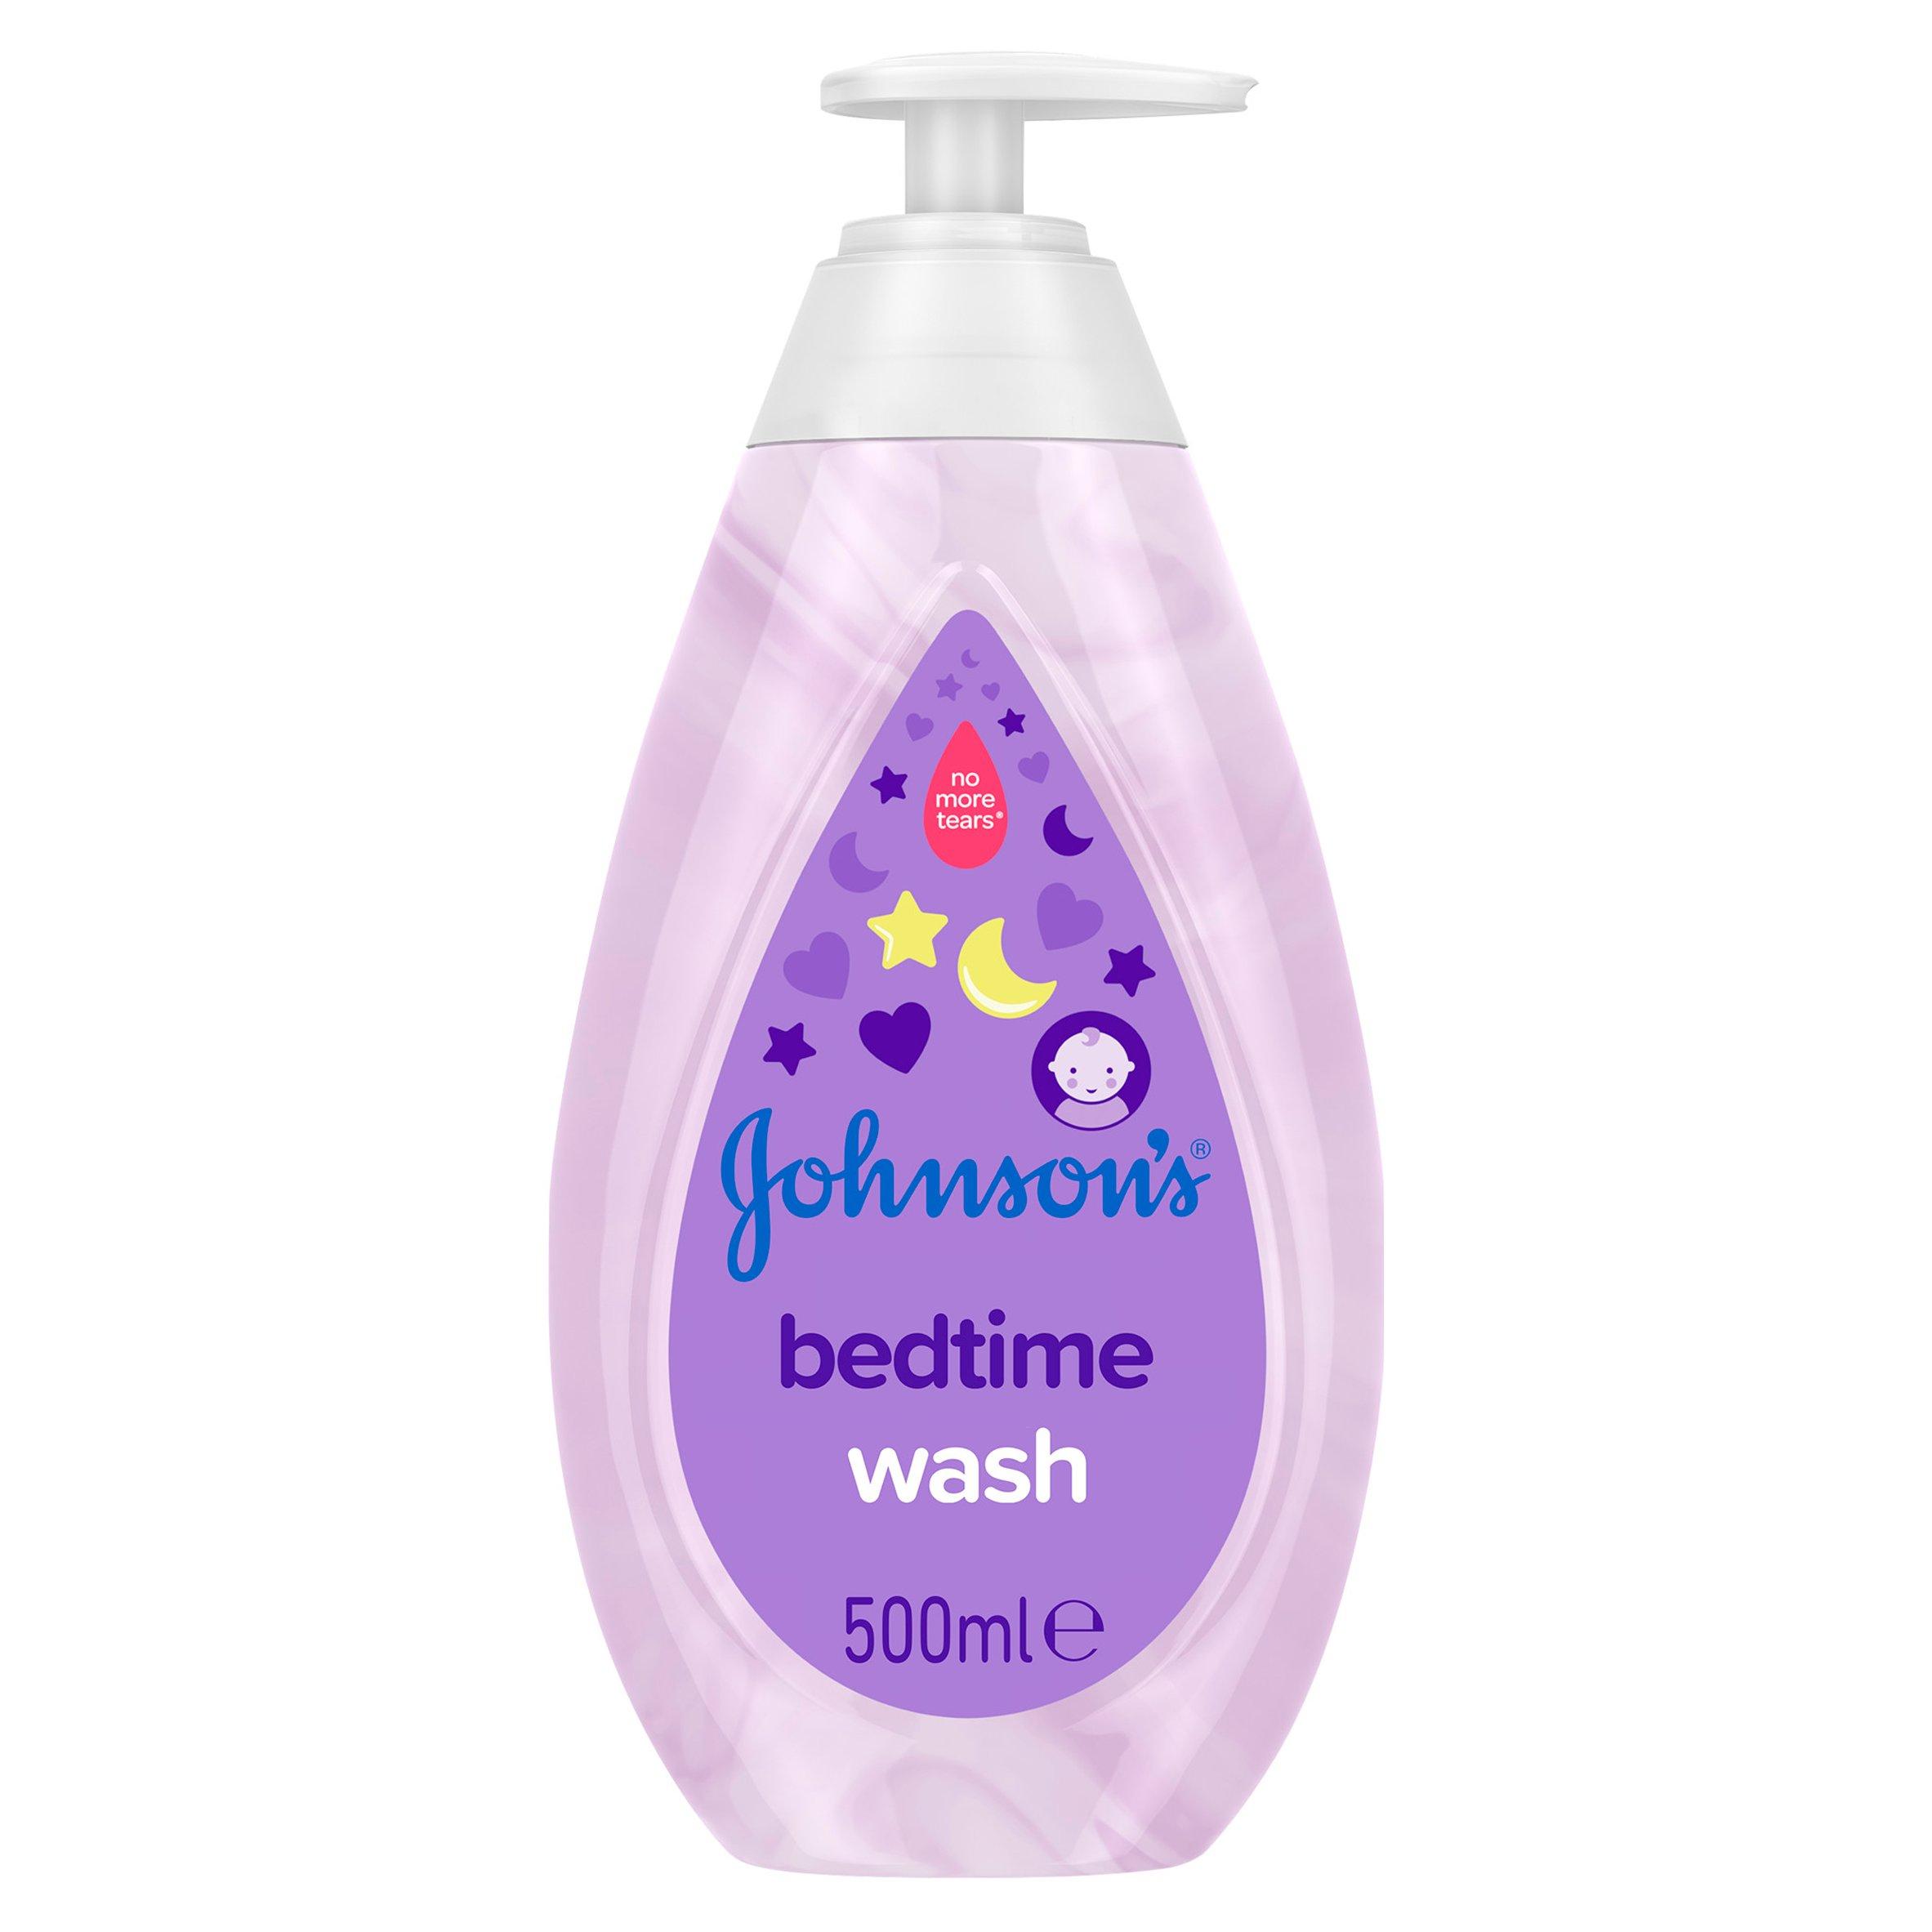 Johnsons Bedtime Wash 500 Ml